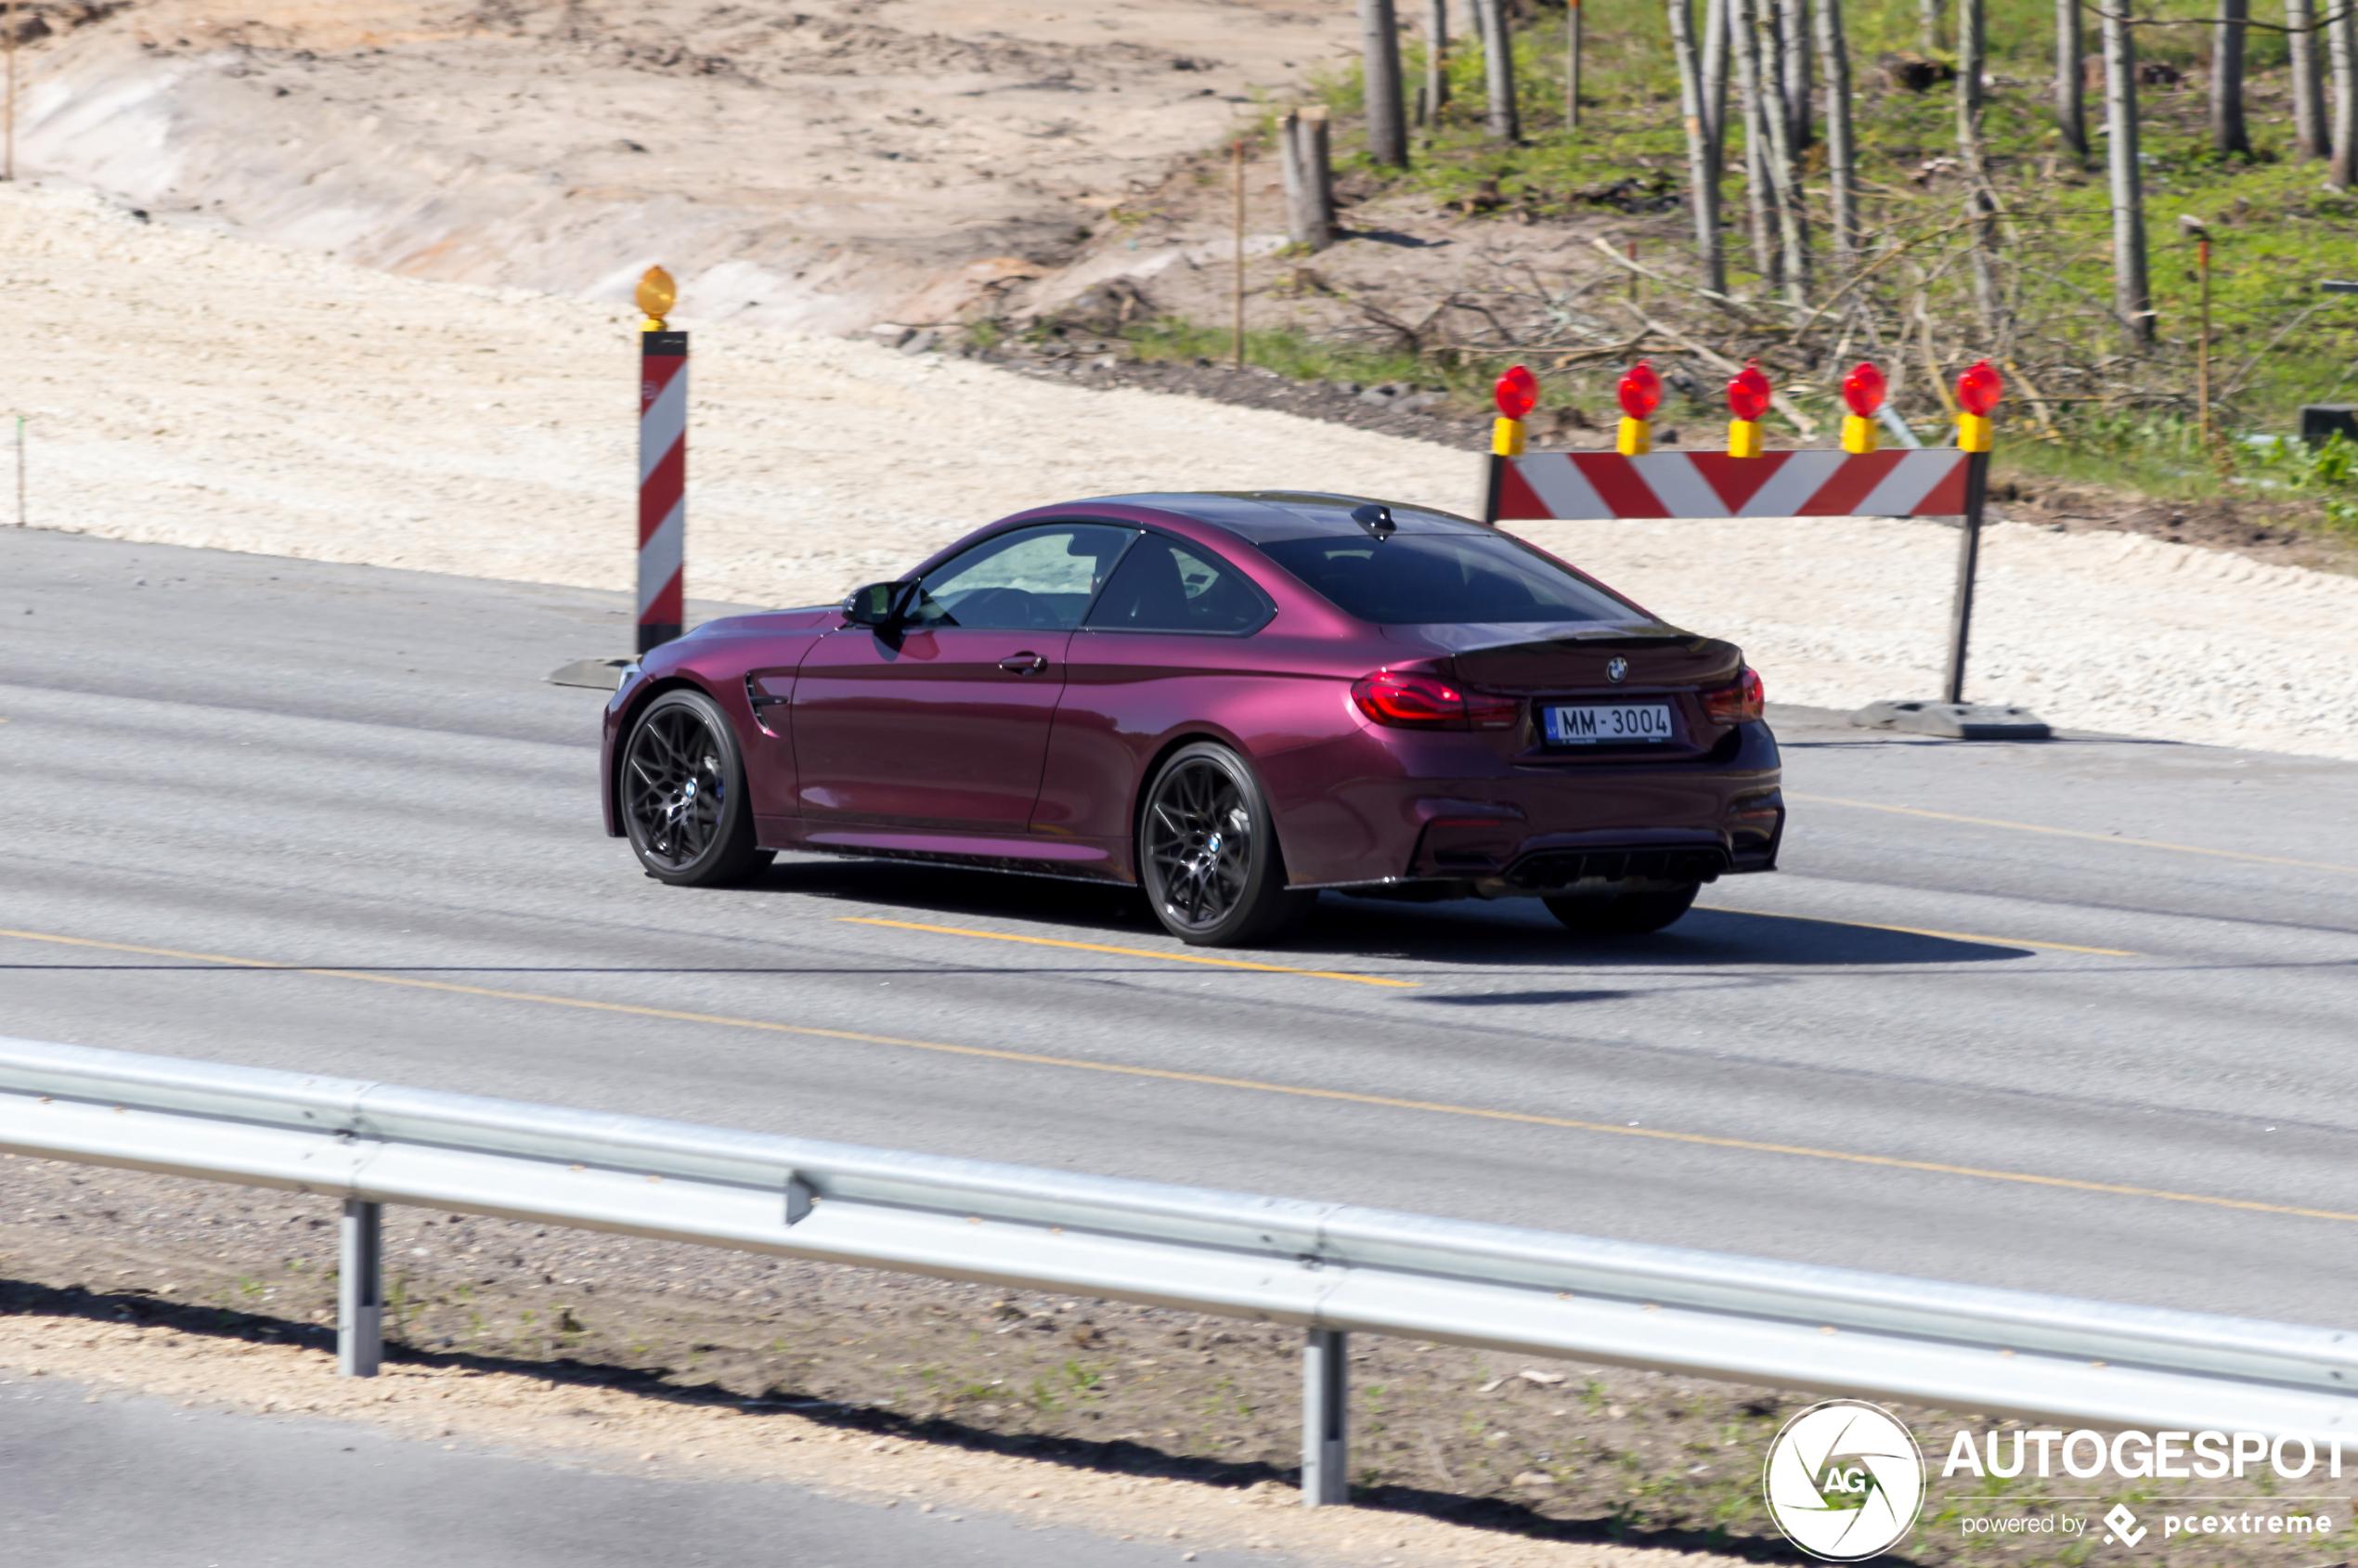 Dieppaarse BMW M4 Coupe is een snoepje